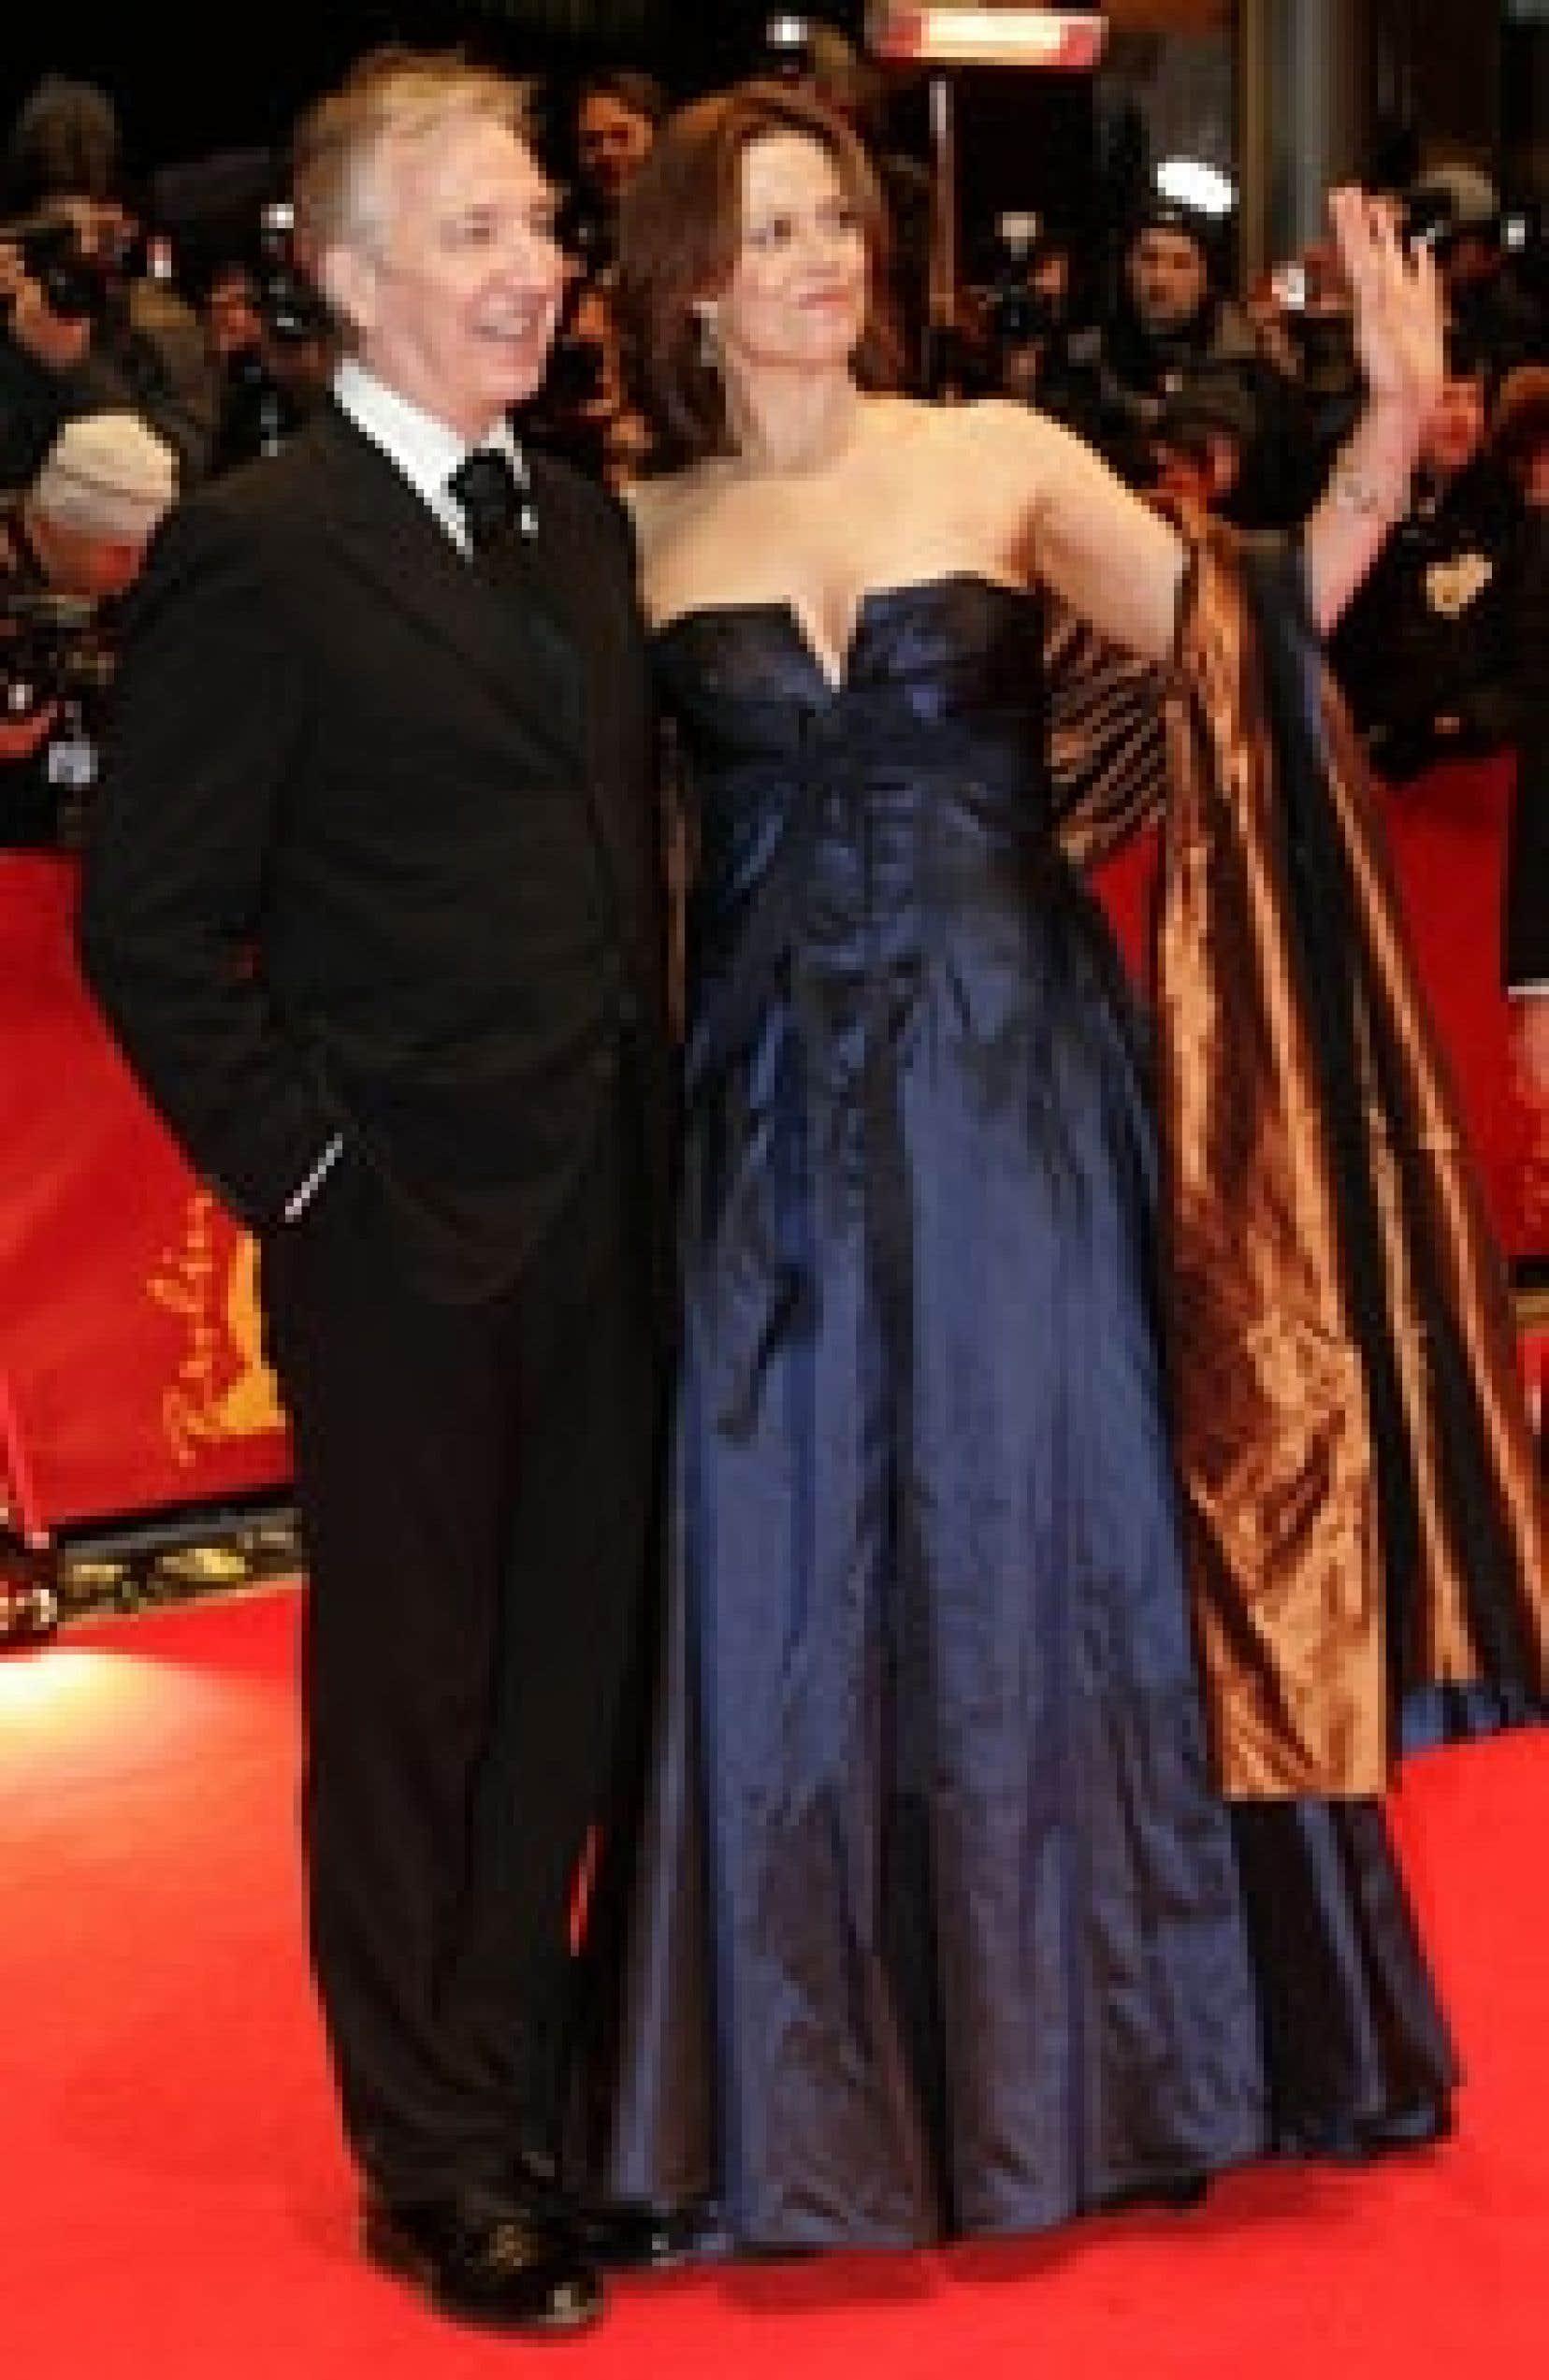 L'actrice américaine Sigourney Weaver était accompagnée par l'acteur anglais Alan Rickman, son partenaire dans le film Snow Cake, lors de son passage sur le tapis, en ouverture du Festival de films de Berlin, hier.